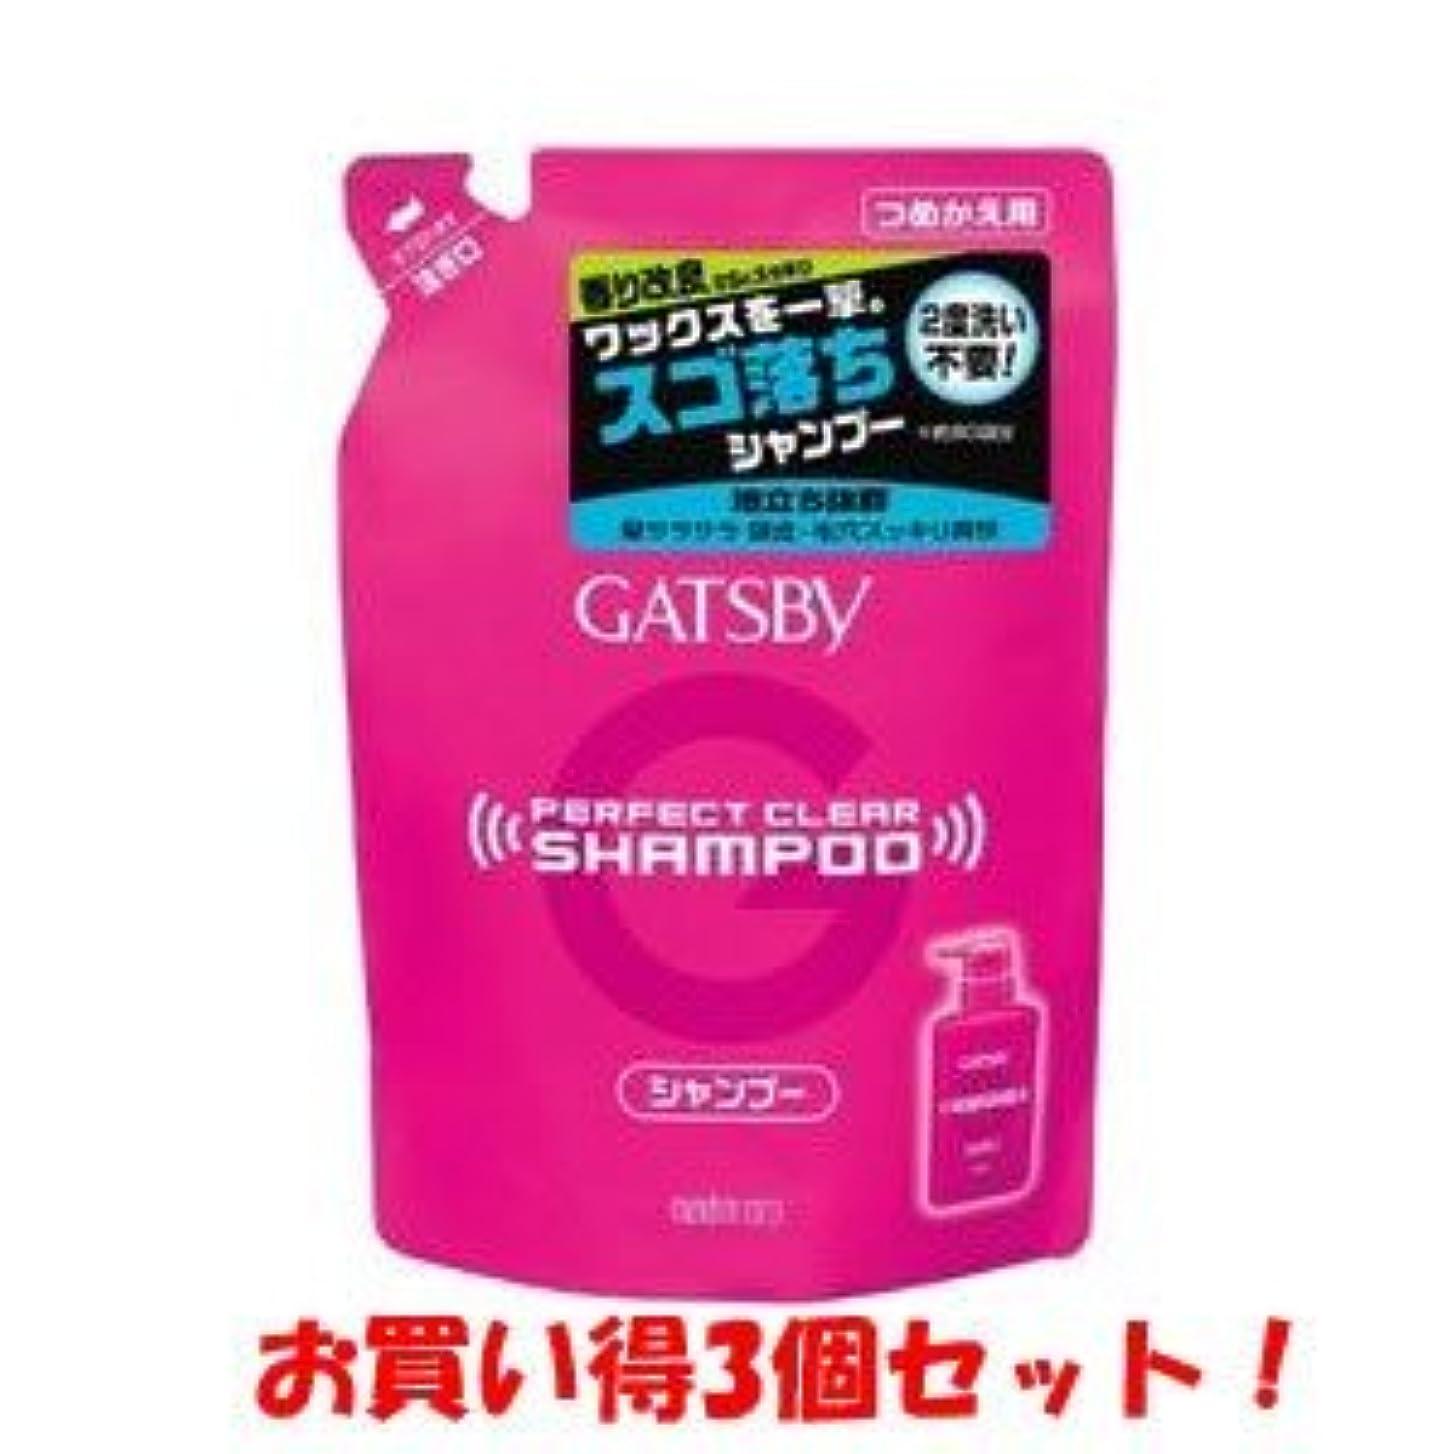 保証懐殺人ギャツビー【GATSBY】パーフェクトクリアシャンプー 詰替 320ml(お買い得3個セット)